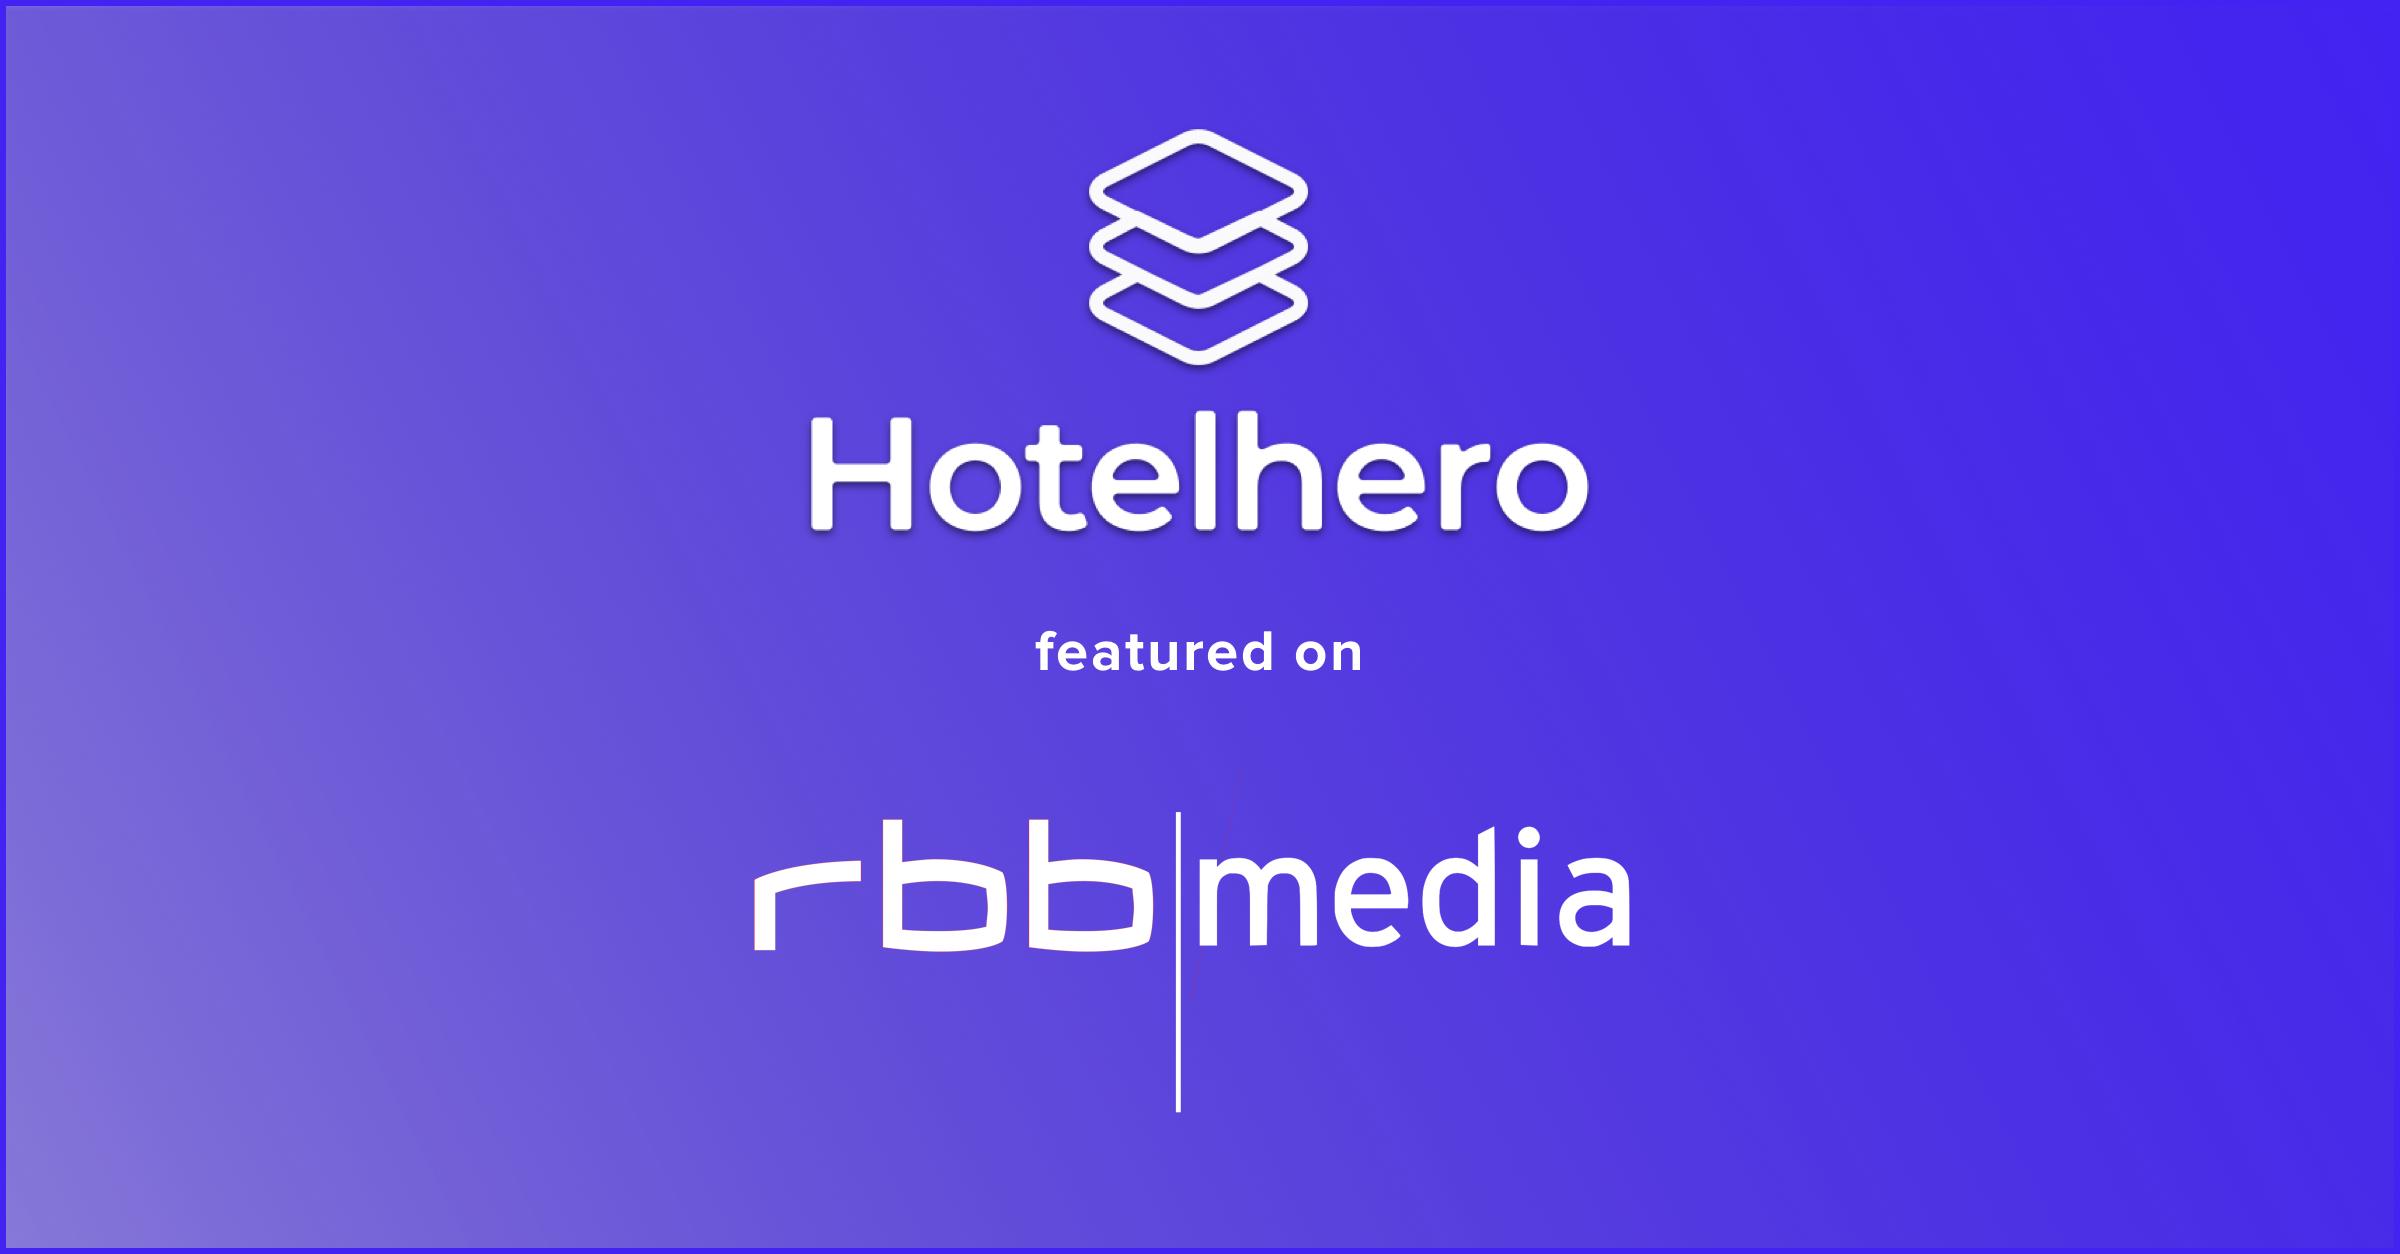 Hotelhero featured on RBB!